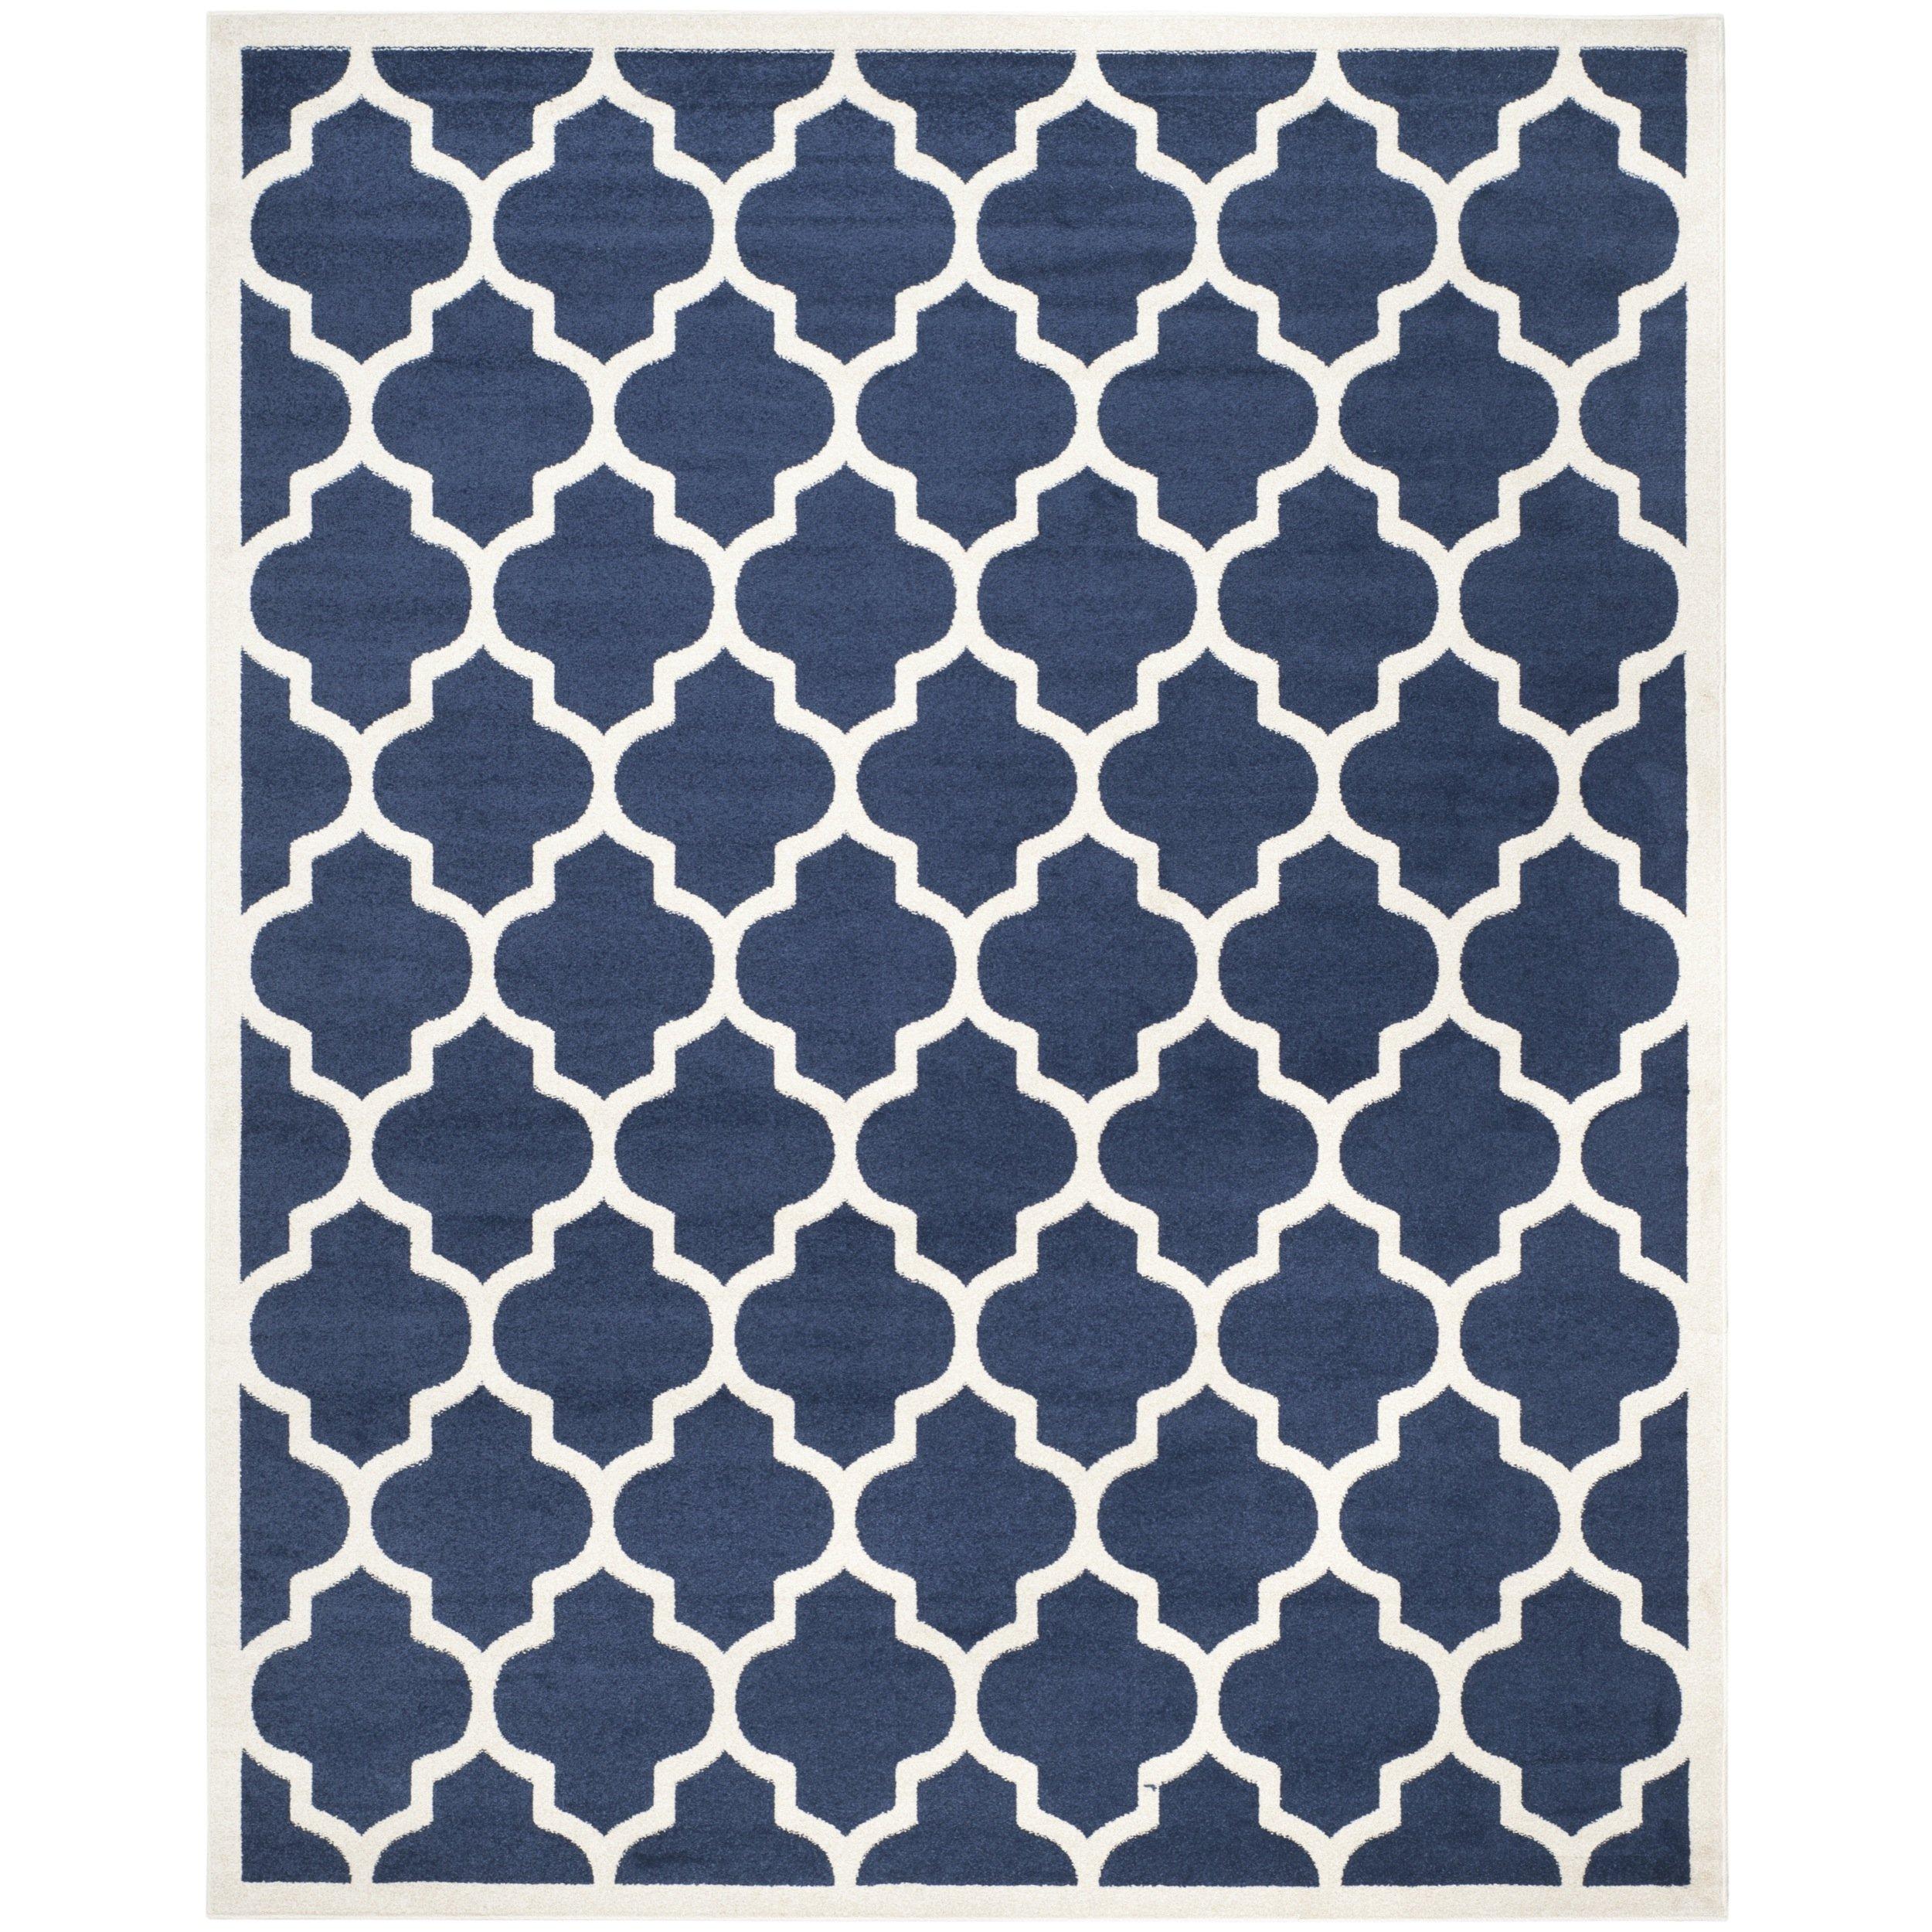 outdoor rug blue 9x12. Black Bedroom Furniture Sets. Home Design Ideas